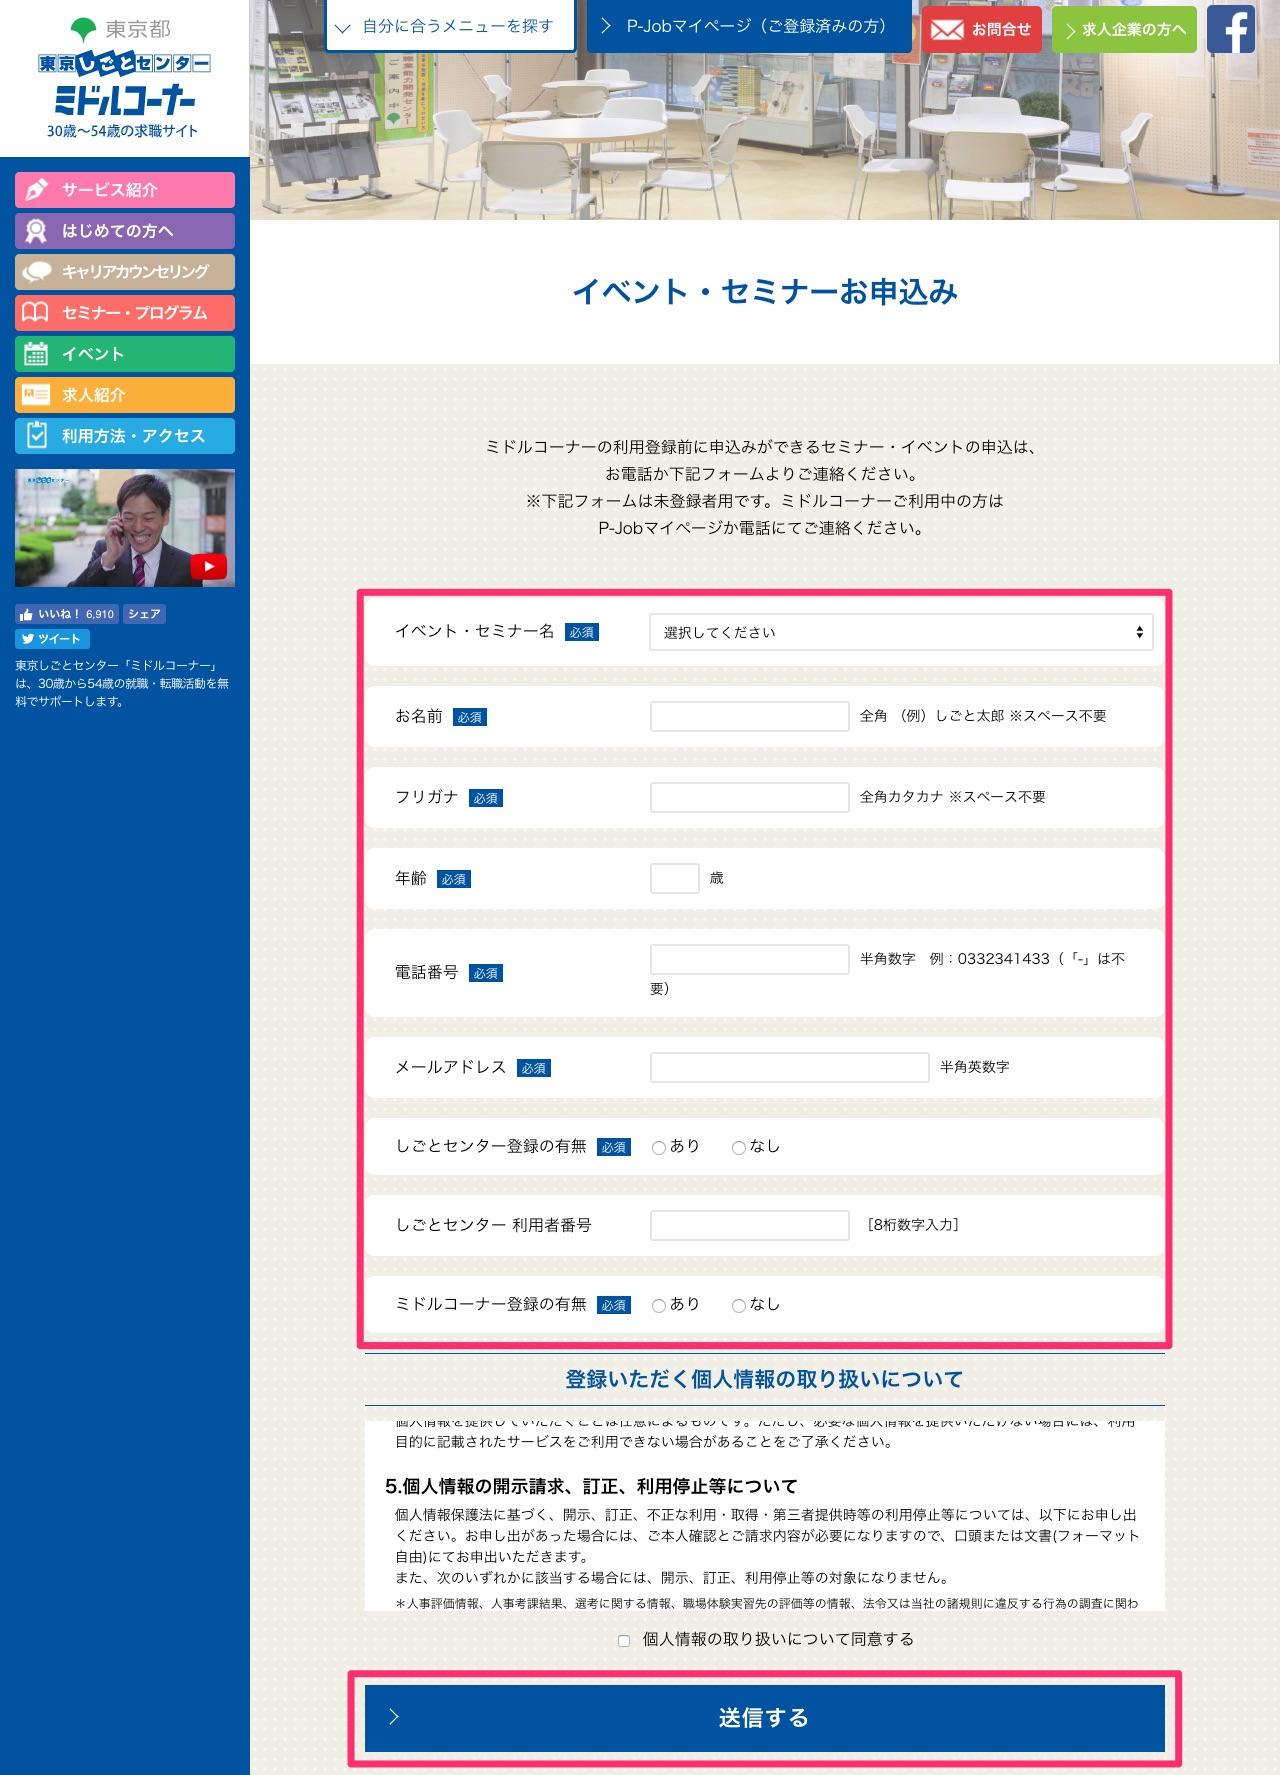 登録フォームに必要事項を入力して登録しましょう。